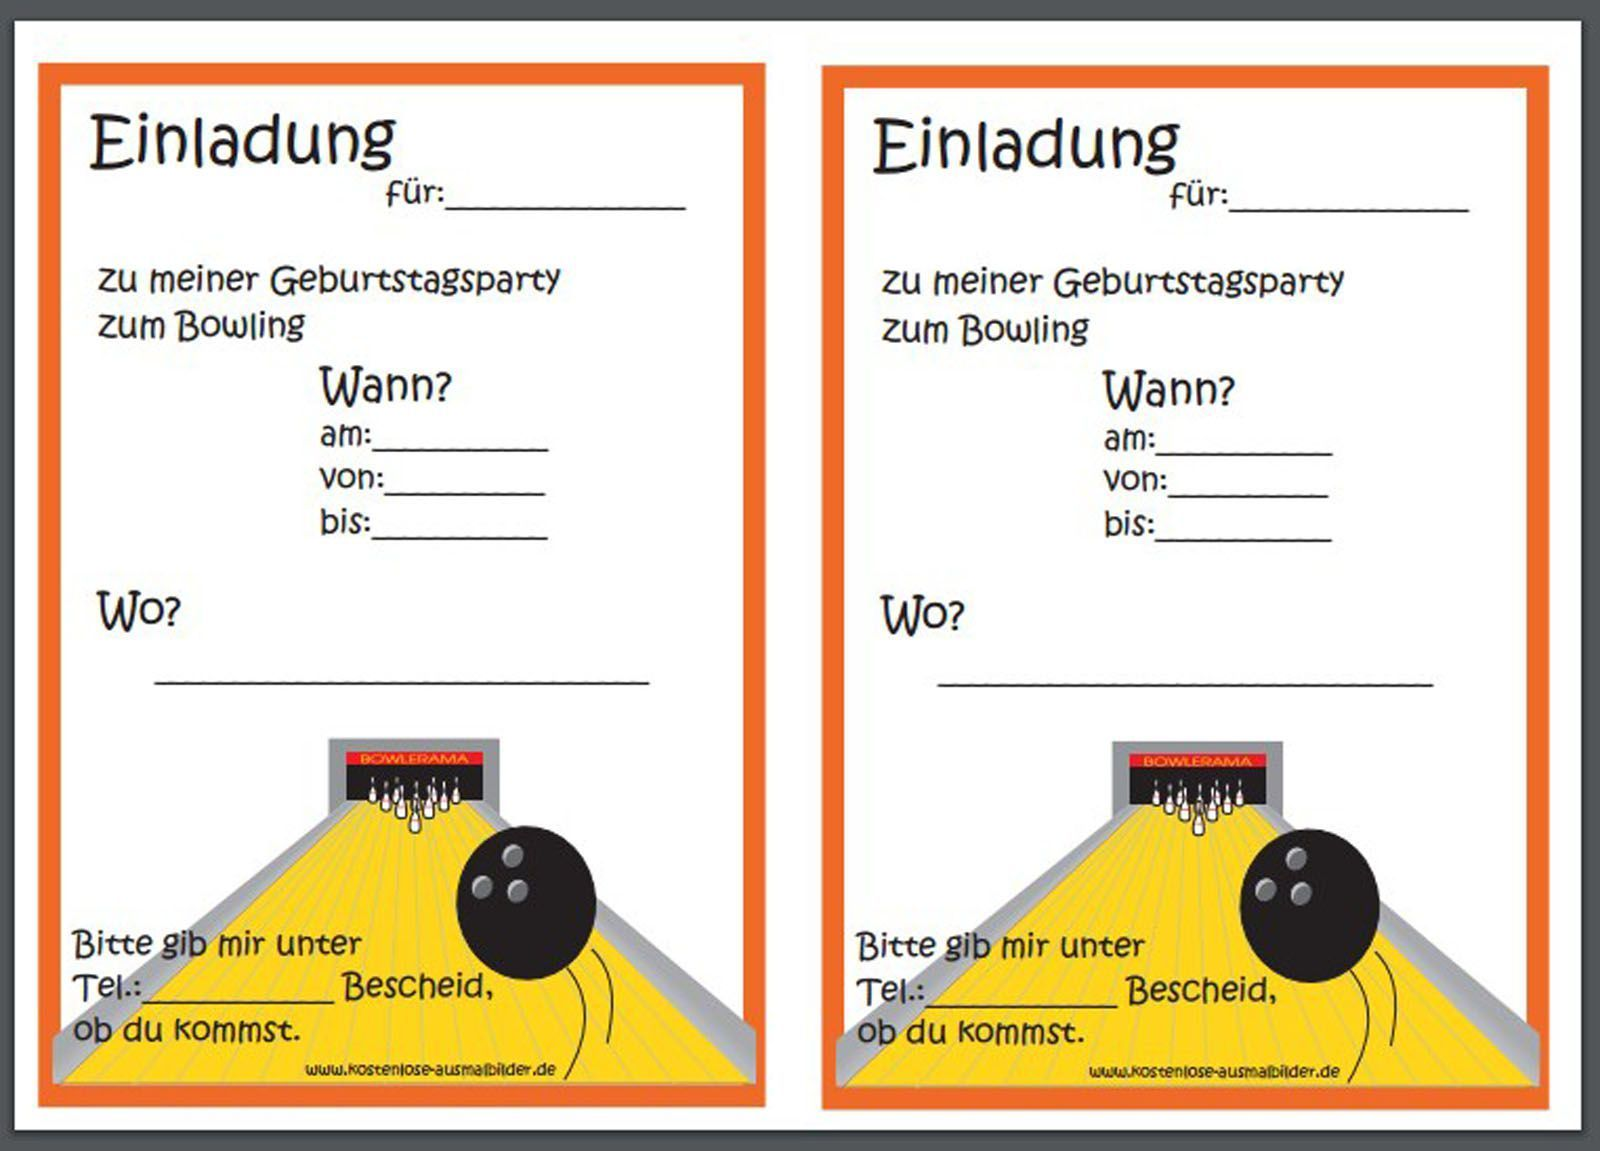 Ordinary Einladungskarten Geburtstag Ausdrucken #7: Einladungskarten Geburtstag : Einladungskarten 40 Geburtstag Kostenlos  Ausdrucken - Einladung Zum Geburtstag - Einladung Zum Geburtstag